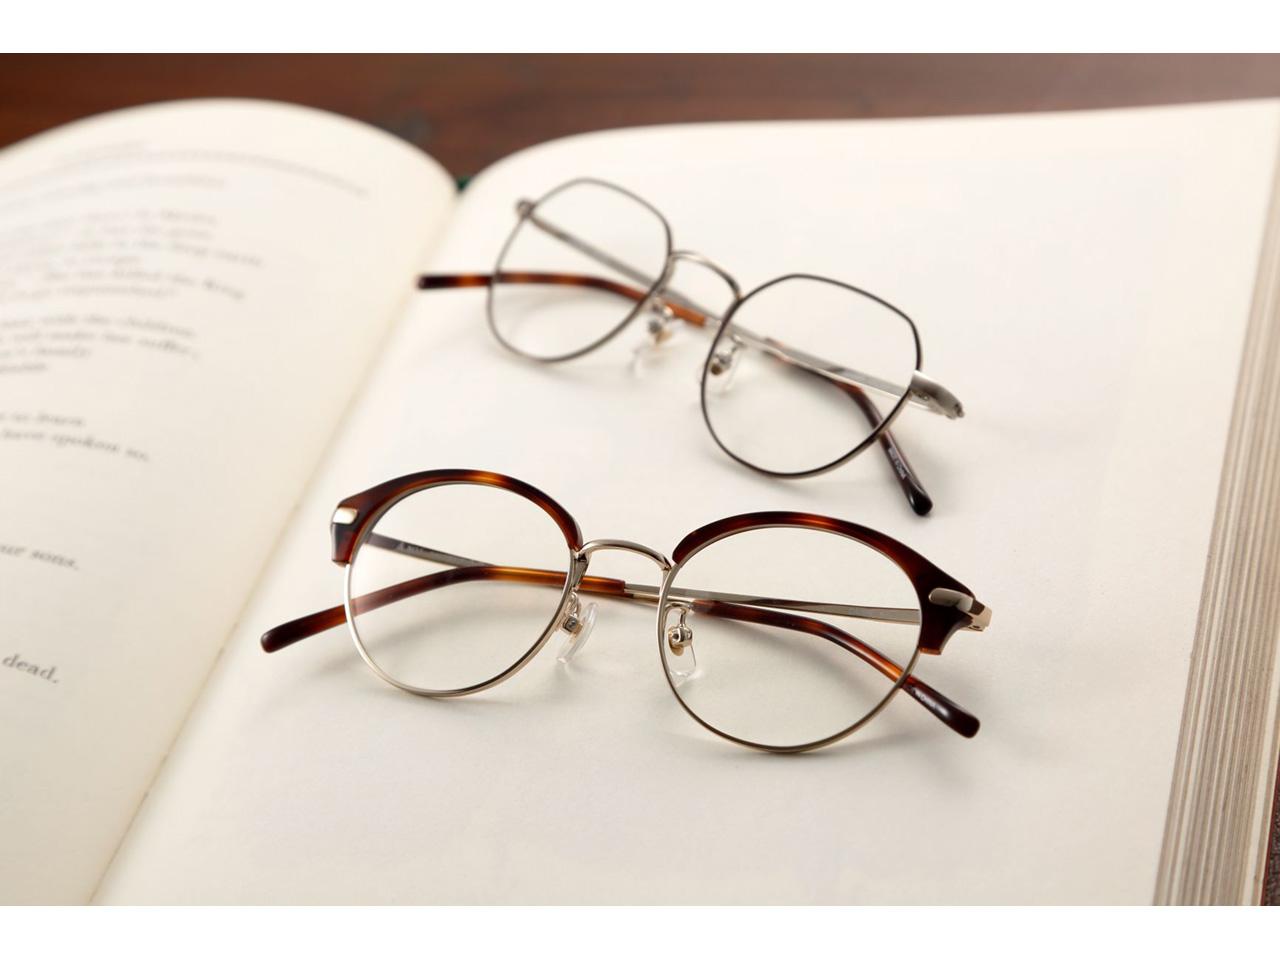 眼鏡市場 - 大和りんかんモール店